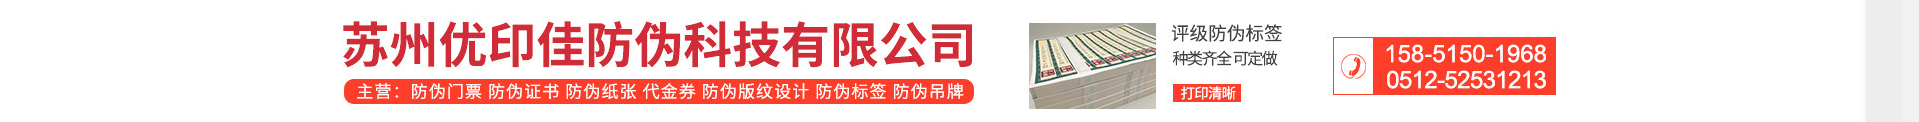 蘇州優印佳防僞科技有限公司